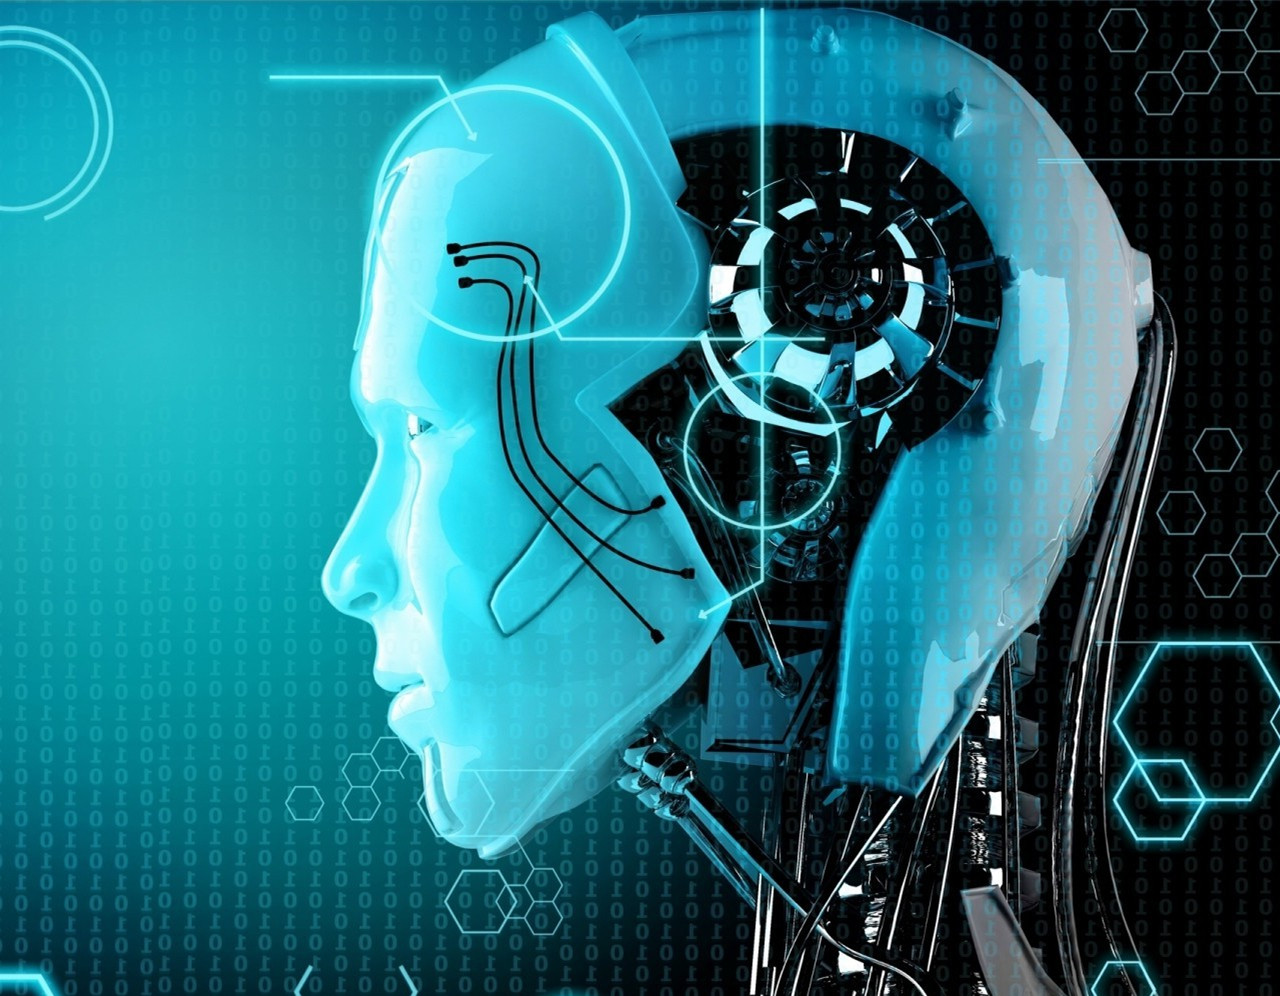 人工智能程序_AI人工智能还可以写专业书?又一领域面临挑战_研究